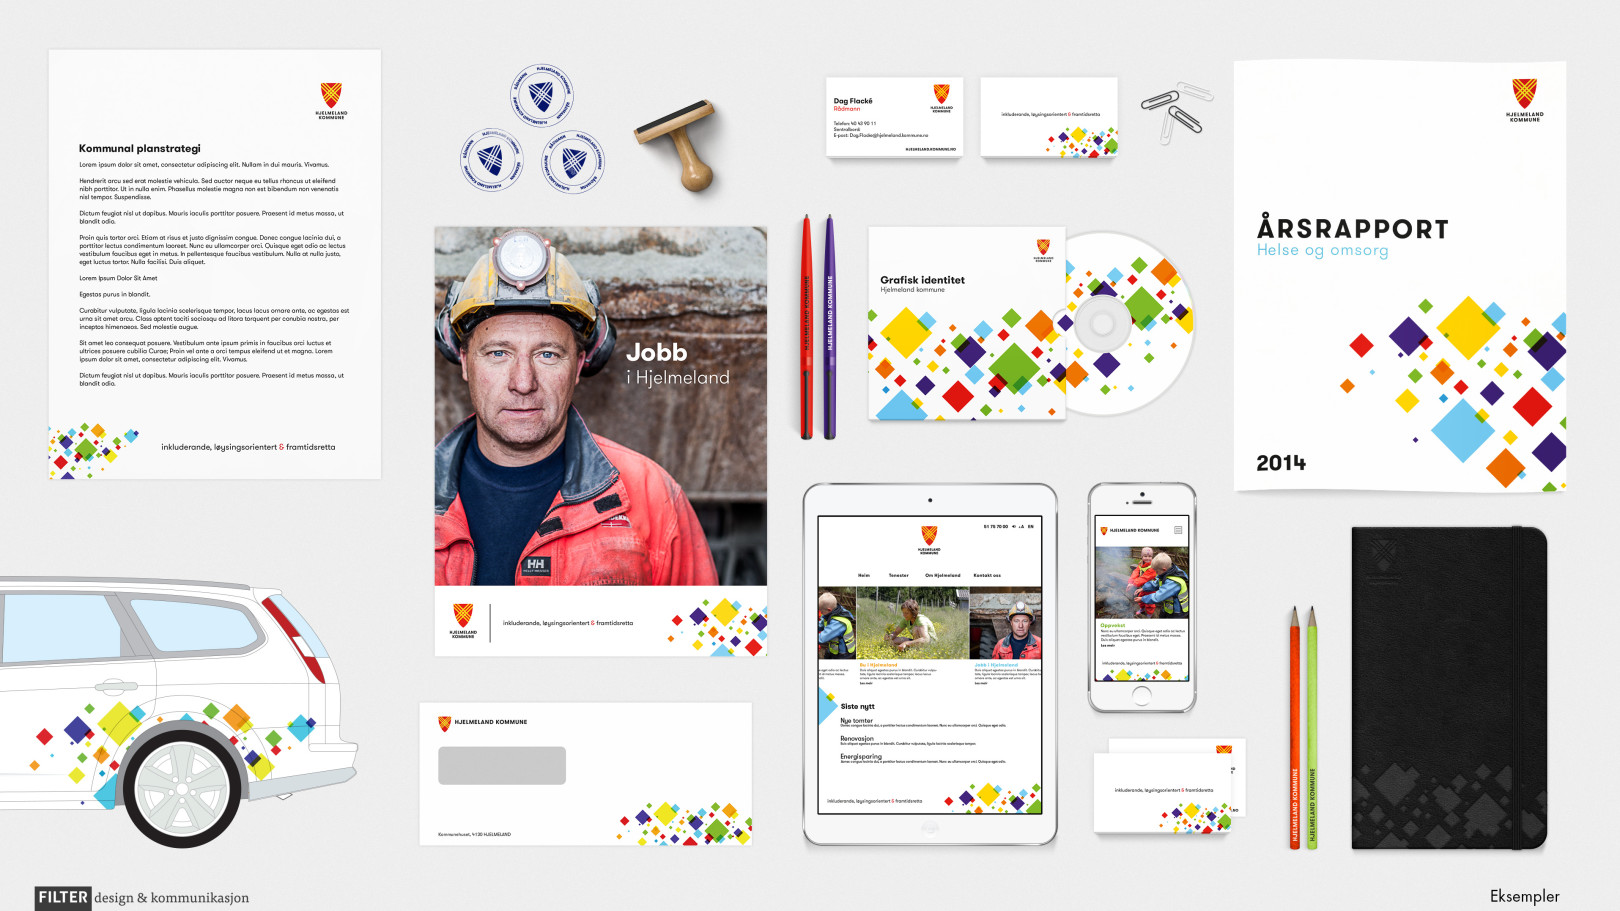 Filter design & kommunikasjon